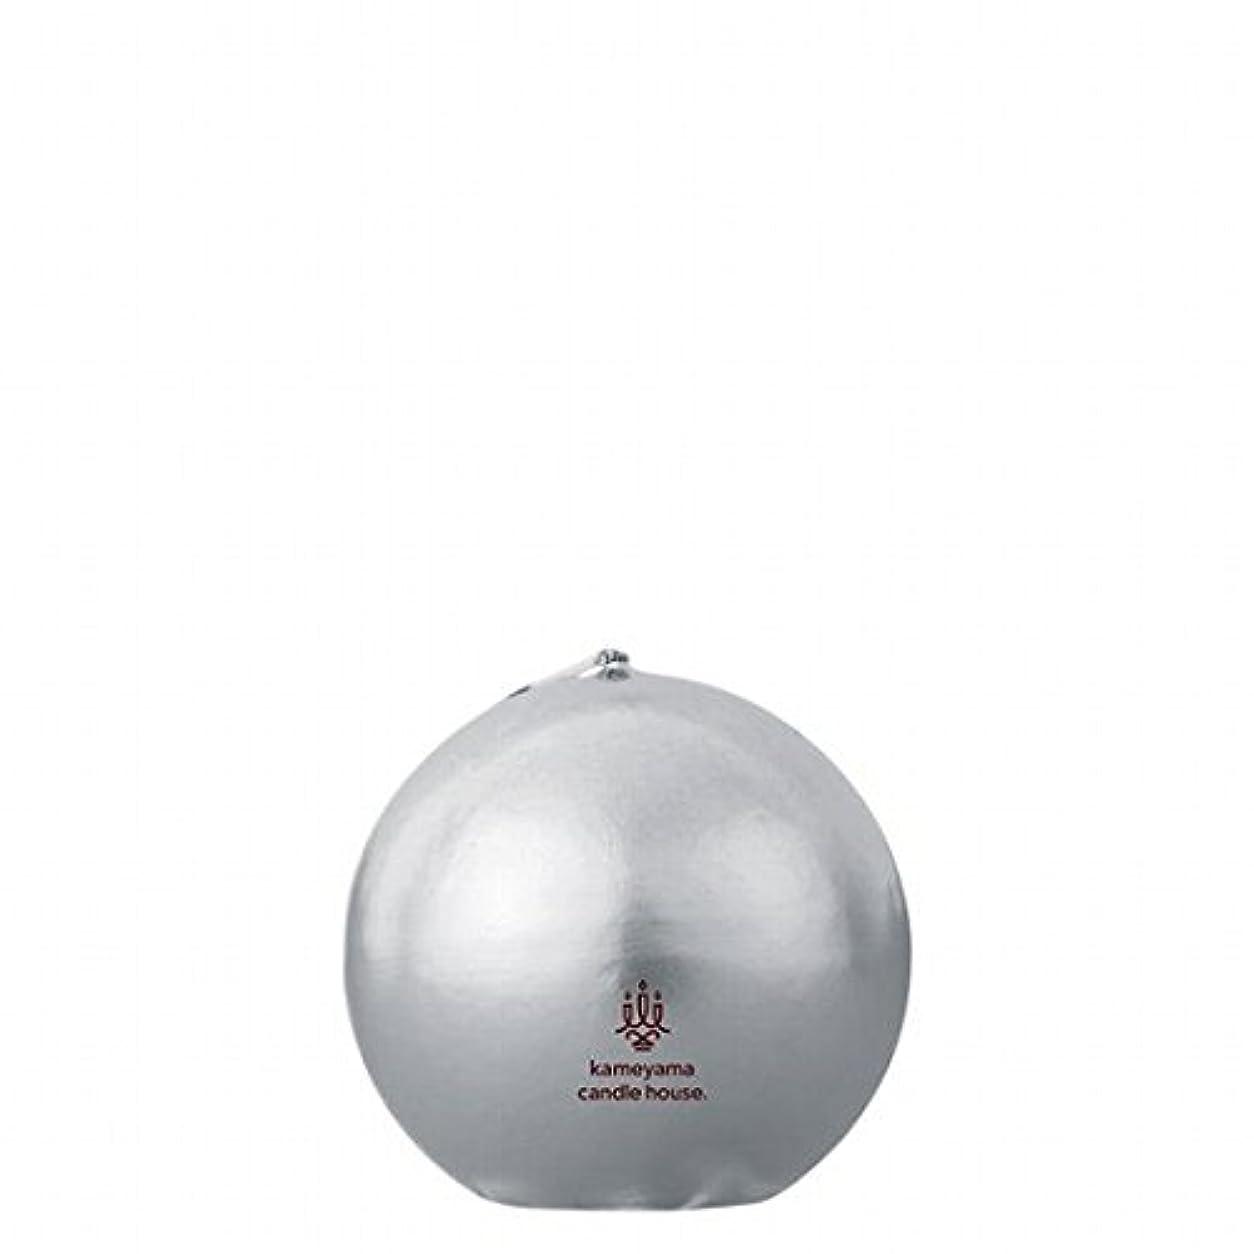 体系的に怠なグループカメヤマキャンドル(kameyama candle) メタリックボール60 「 シルバー 」